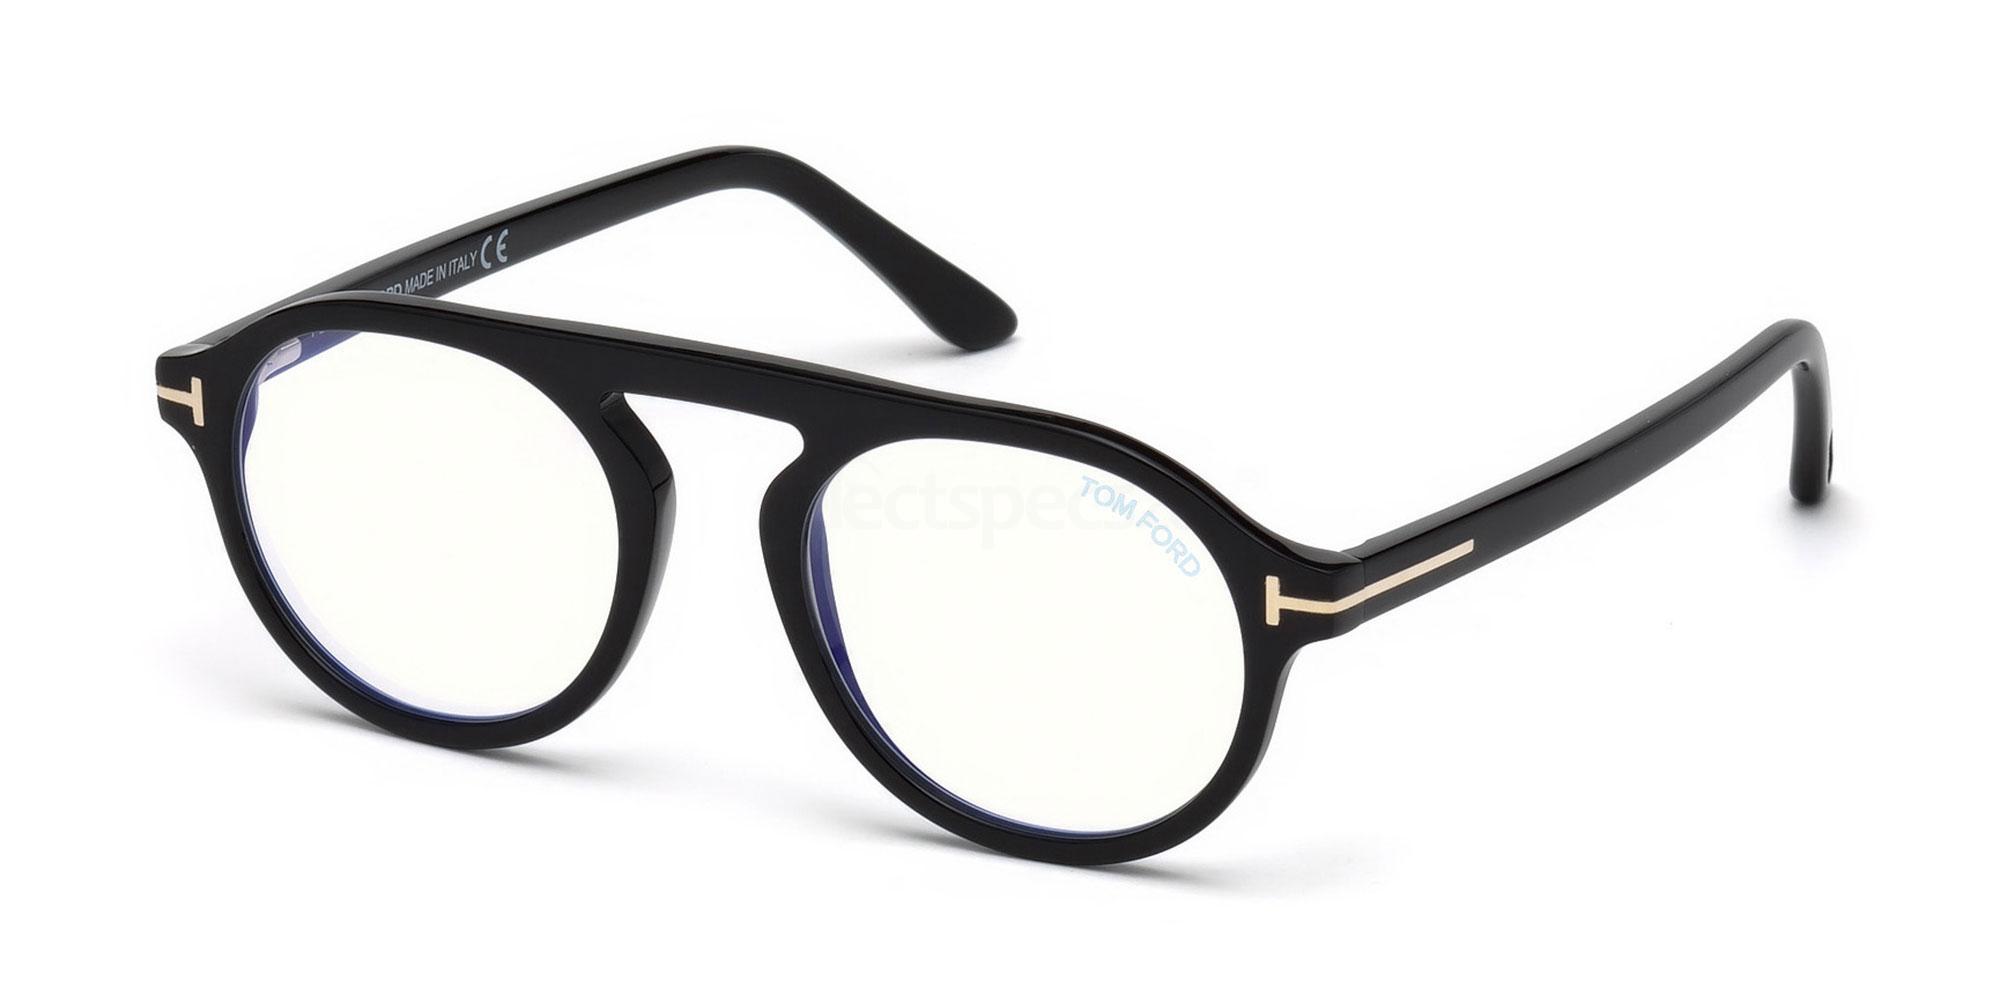 001 FT5534-B Glasses, Tom Ford